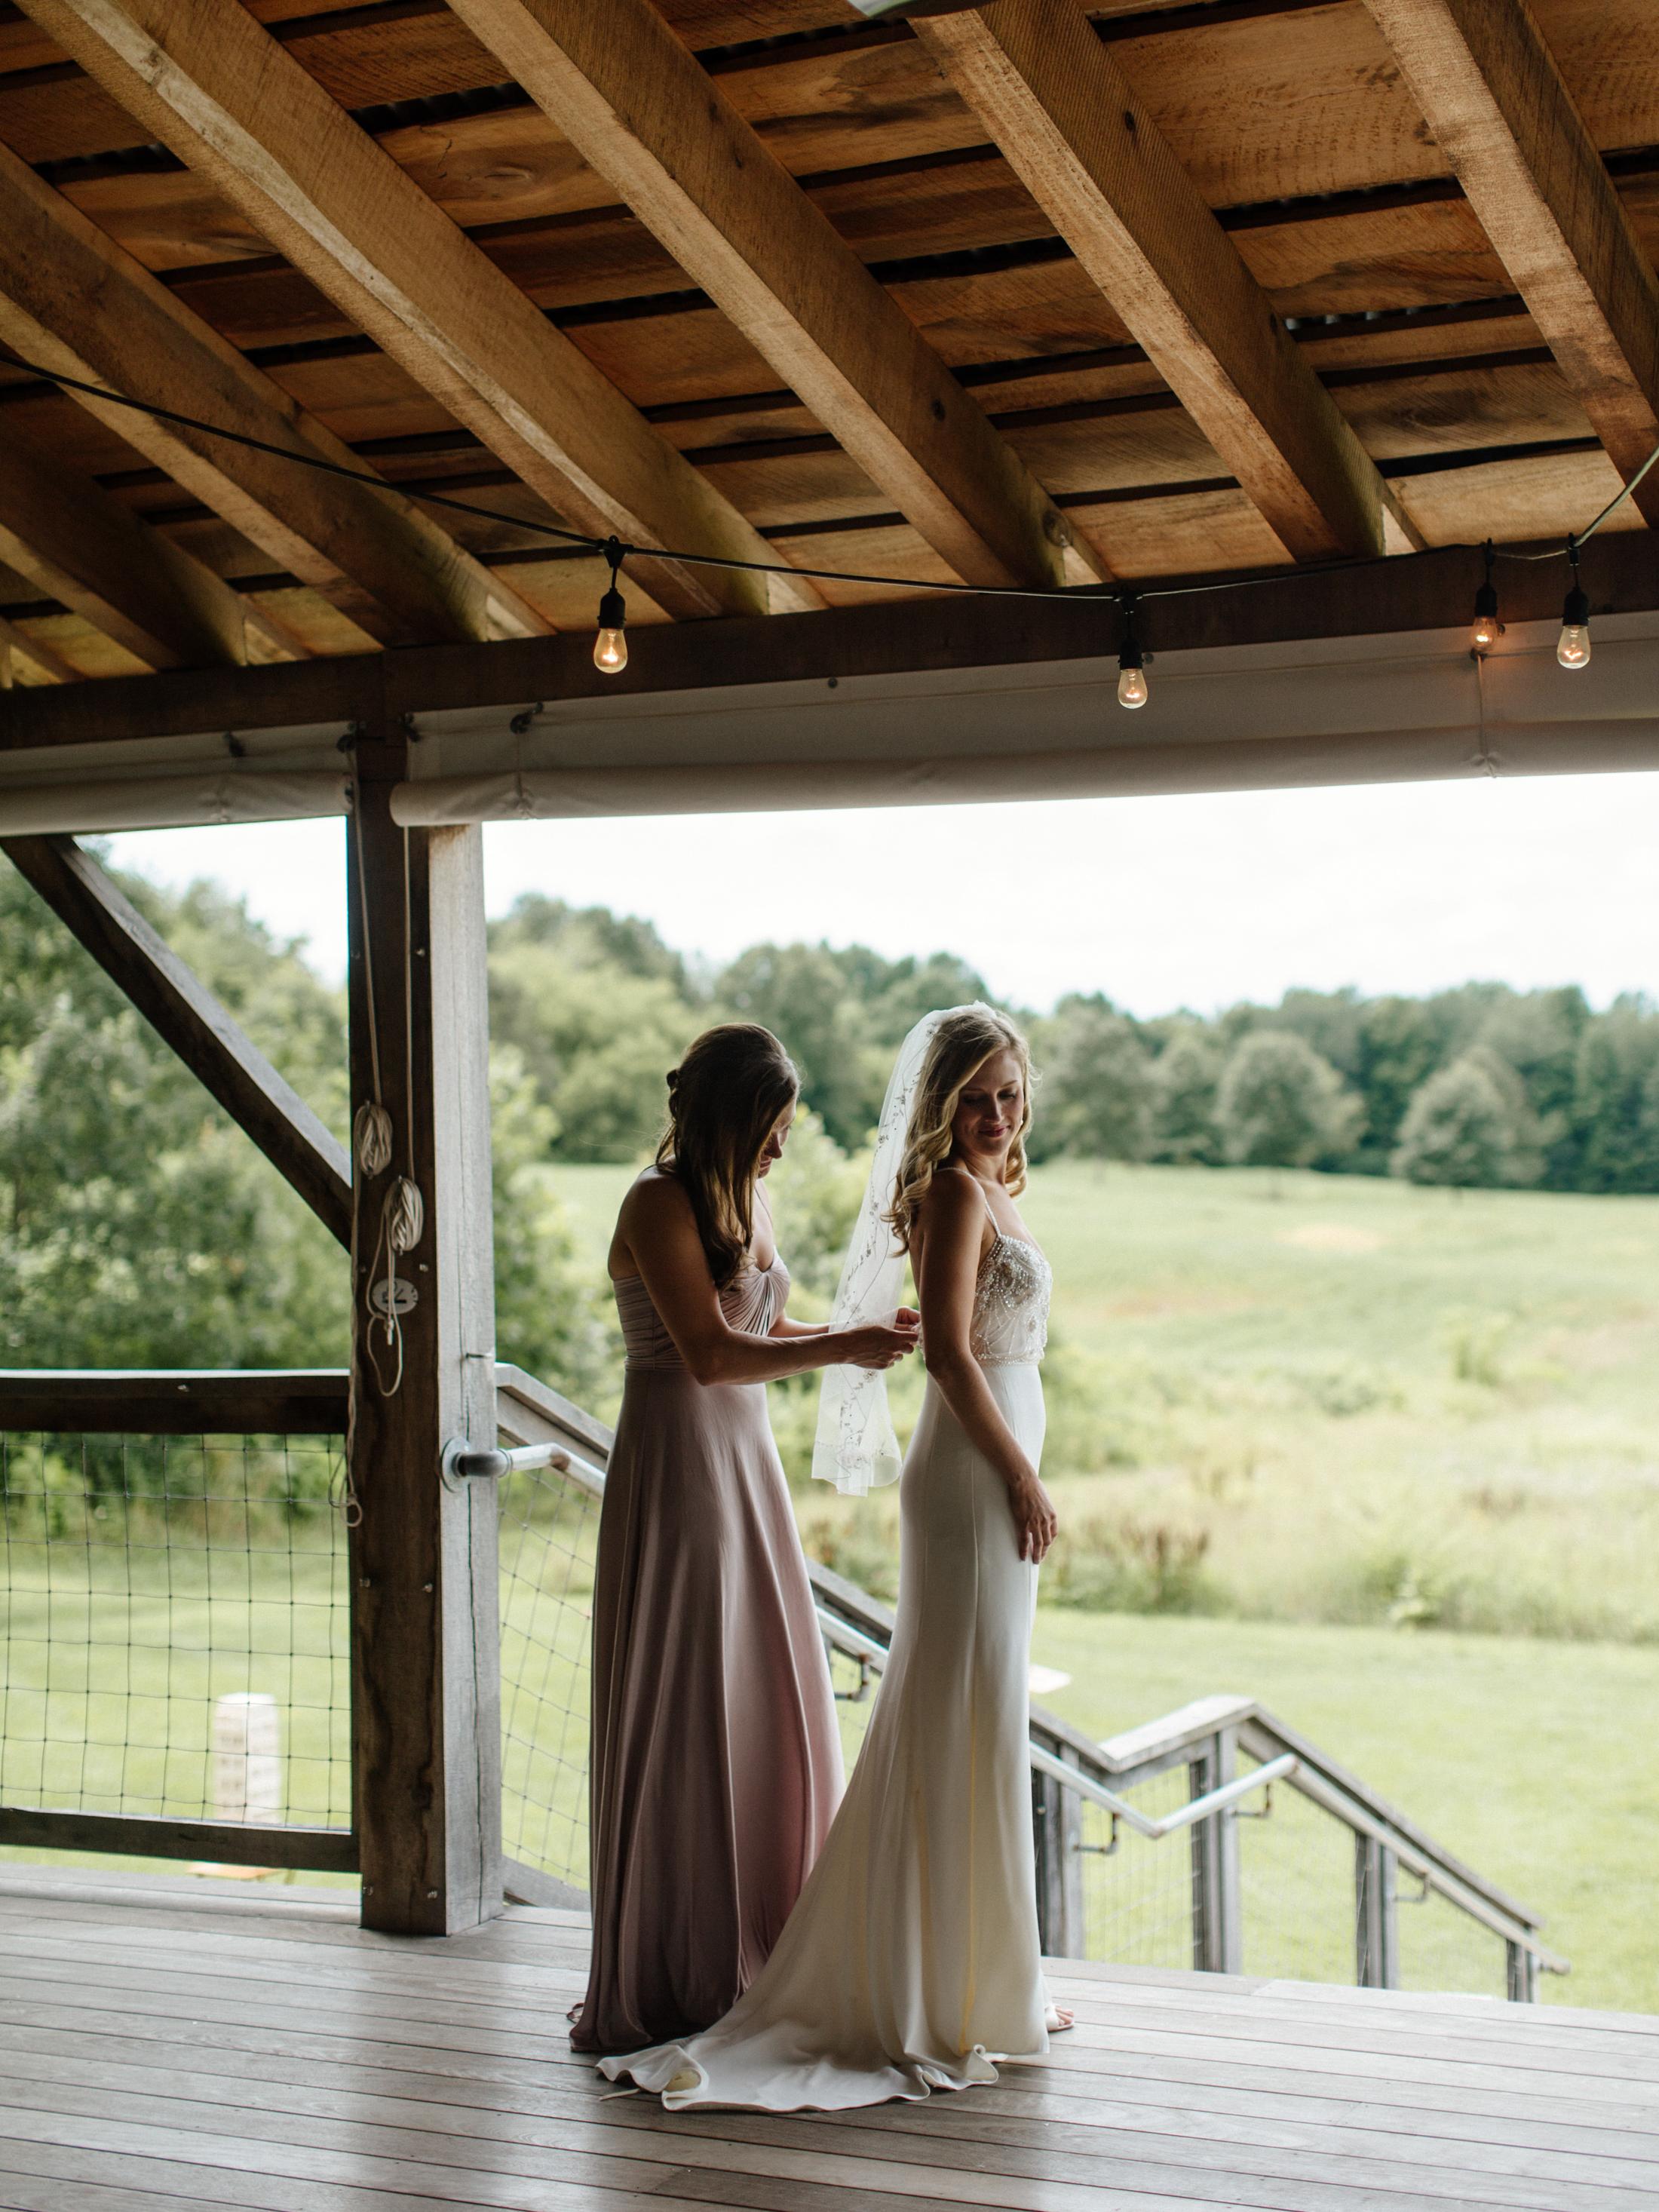 01-Smith-Wedding-Getting-Ready-061.jpg